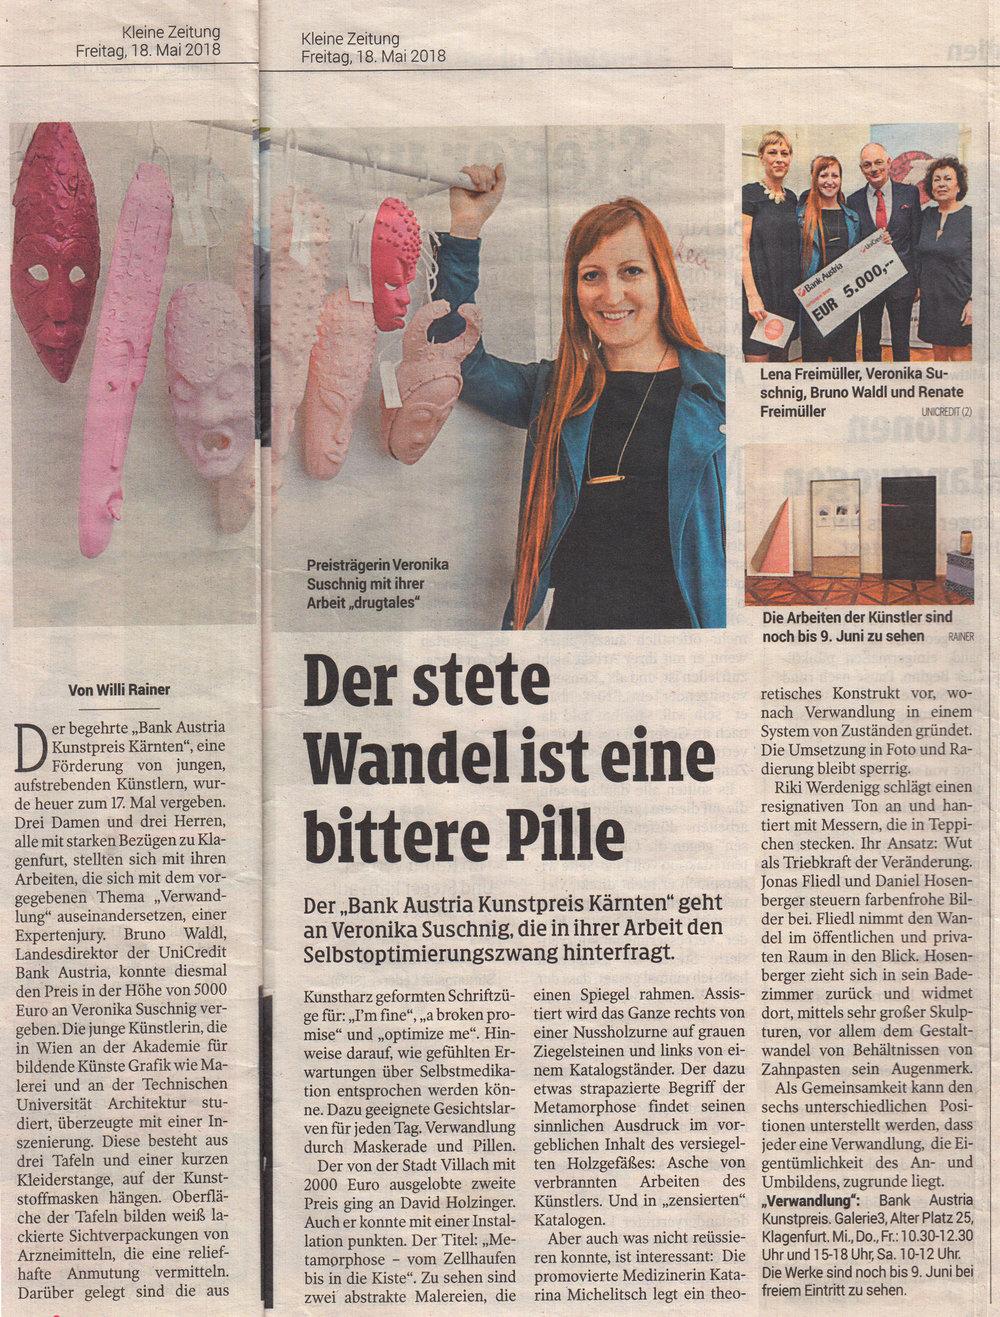 Pressestimme_180518_KleineZeitung.jpg